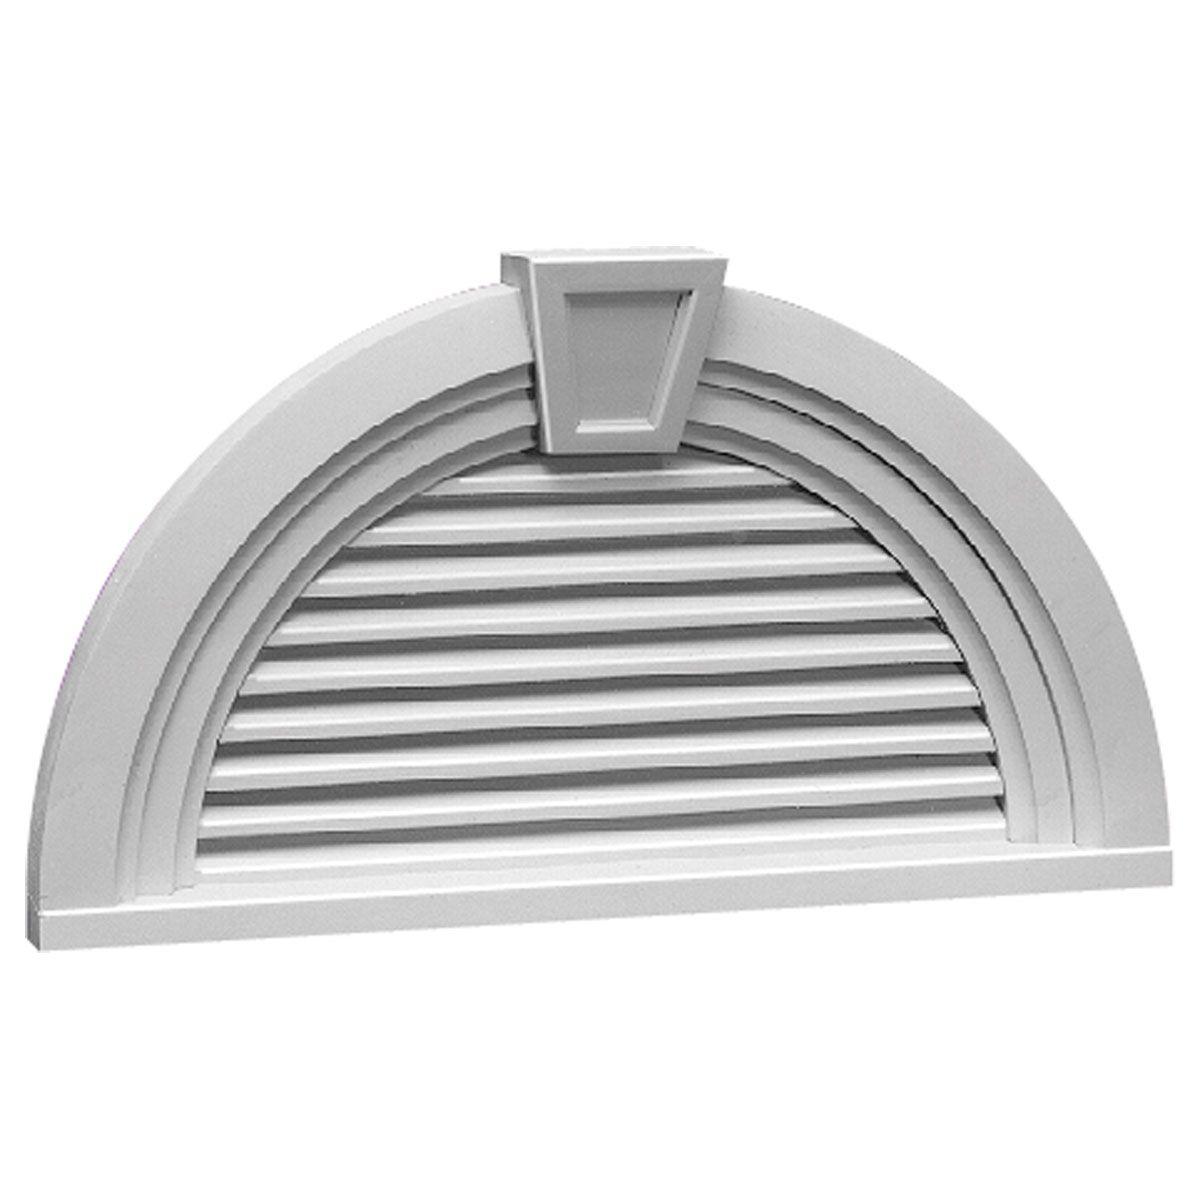 36-inch w x 18 9/16-inch h x 3-inch p half-round louver with non